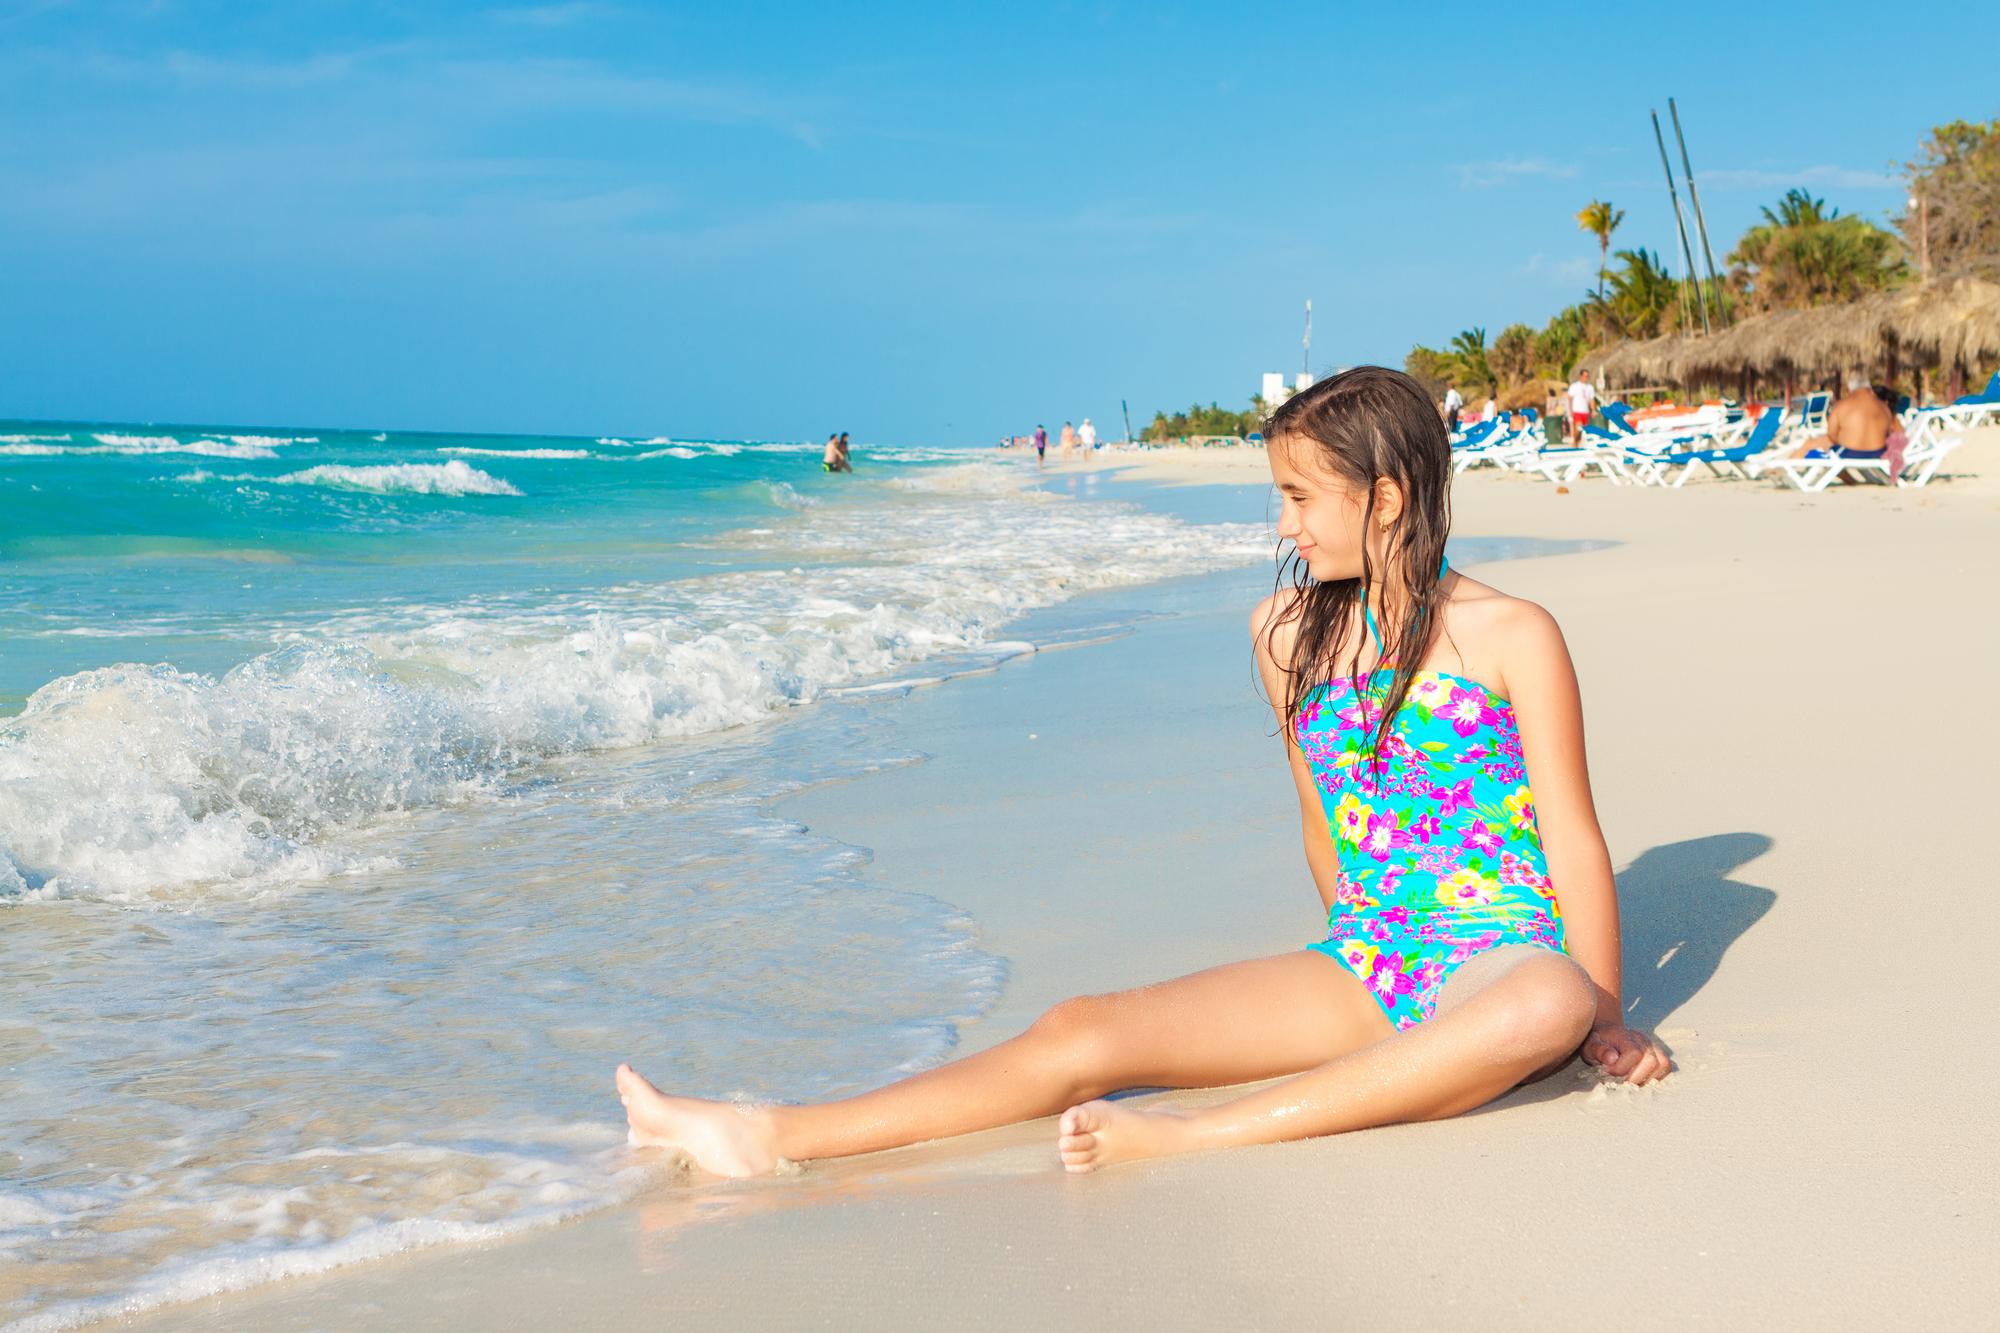 Девушка 13 лет: фото и картинки девочка 13 лет, скачать 34